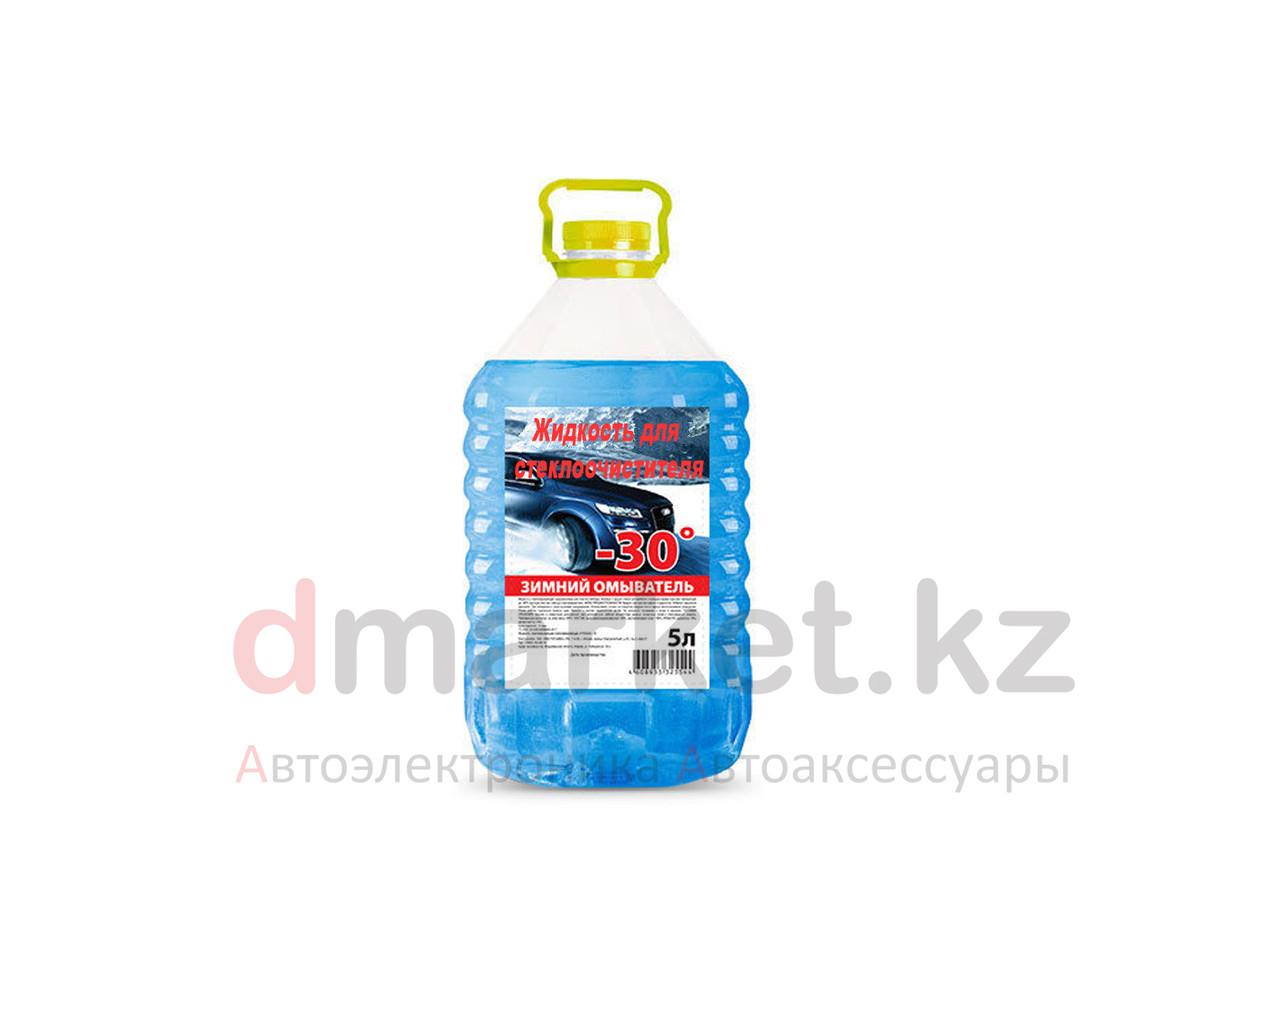 Жидкость для стеклоочистителя, зимняя, до -30 °С, 5л, синяя